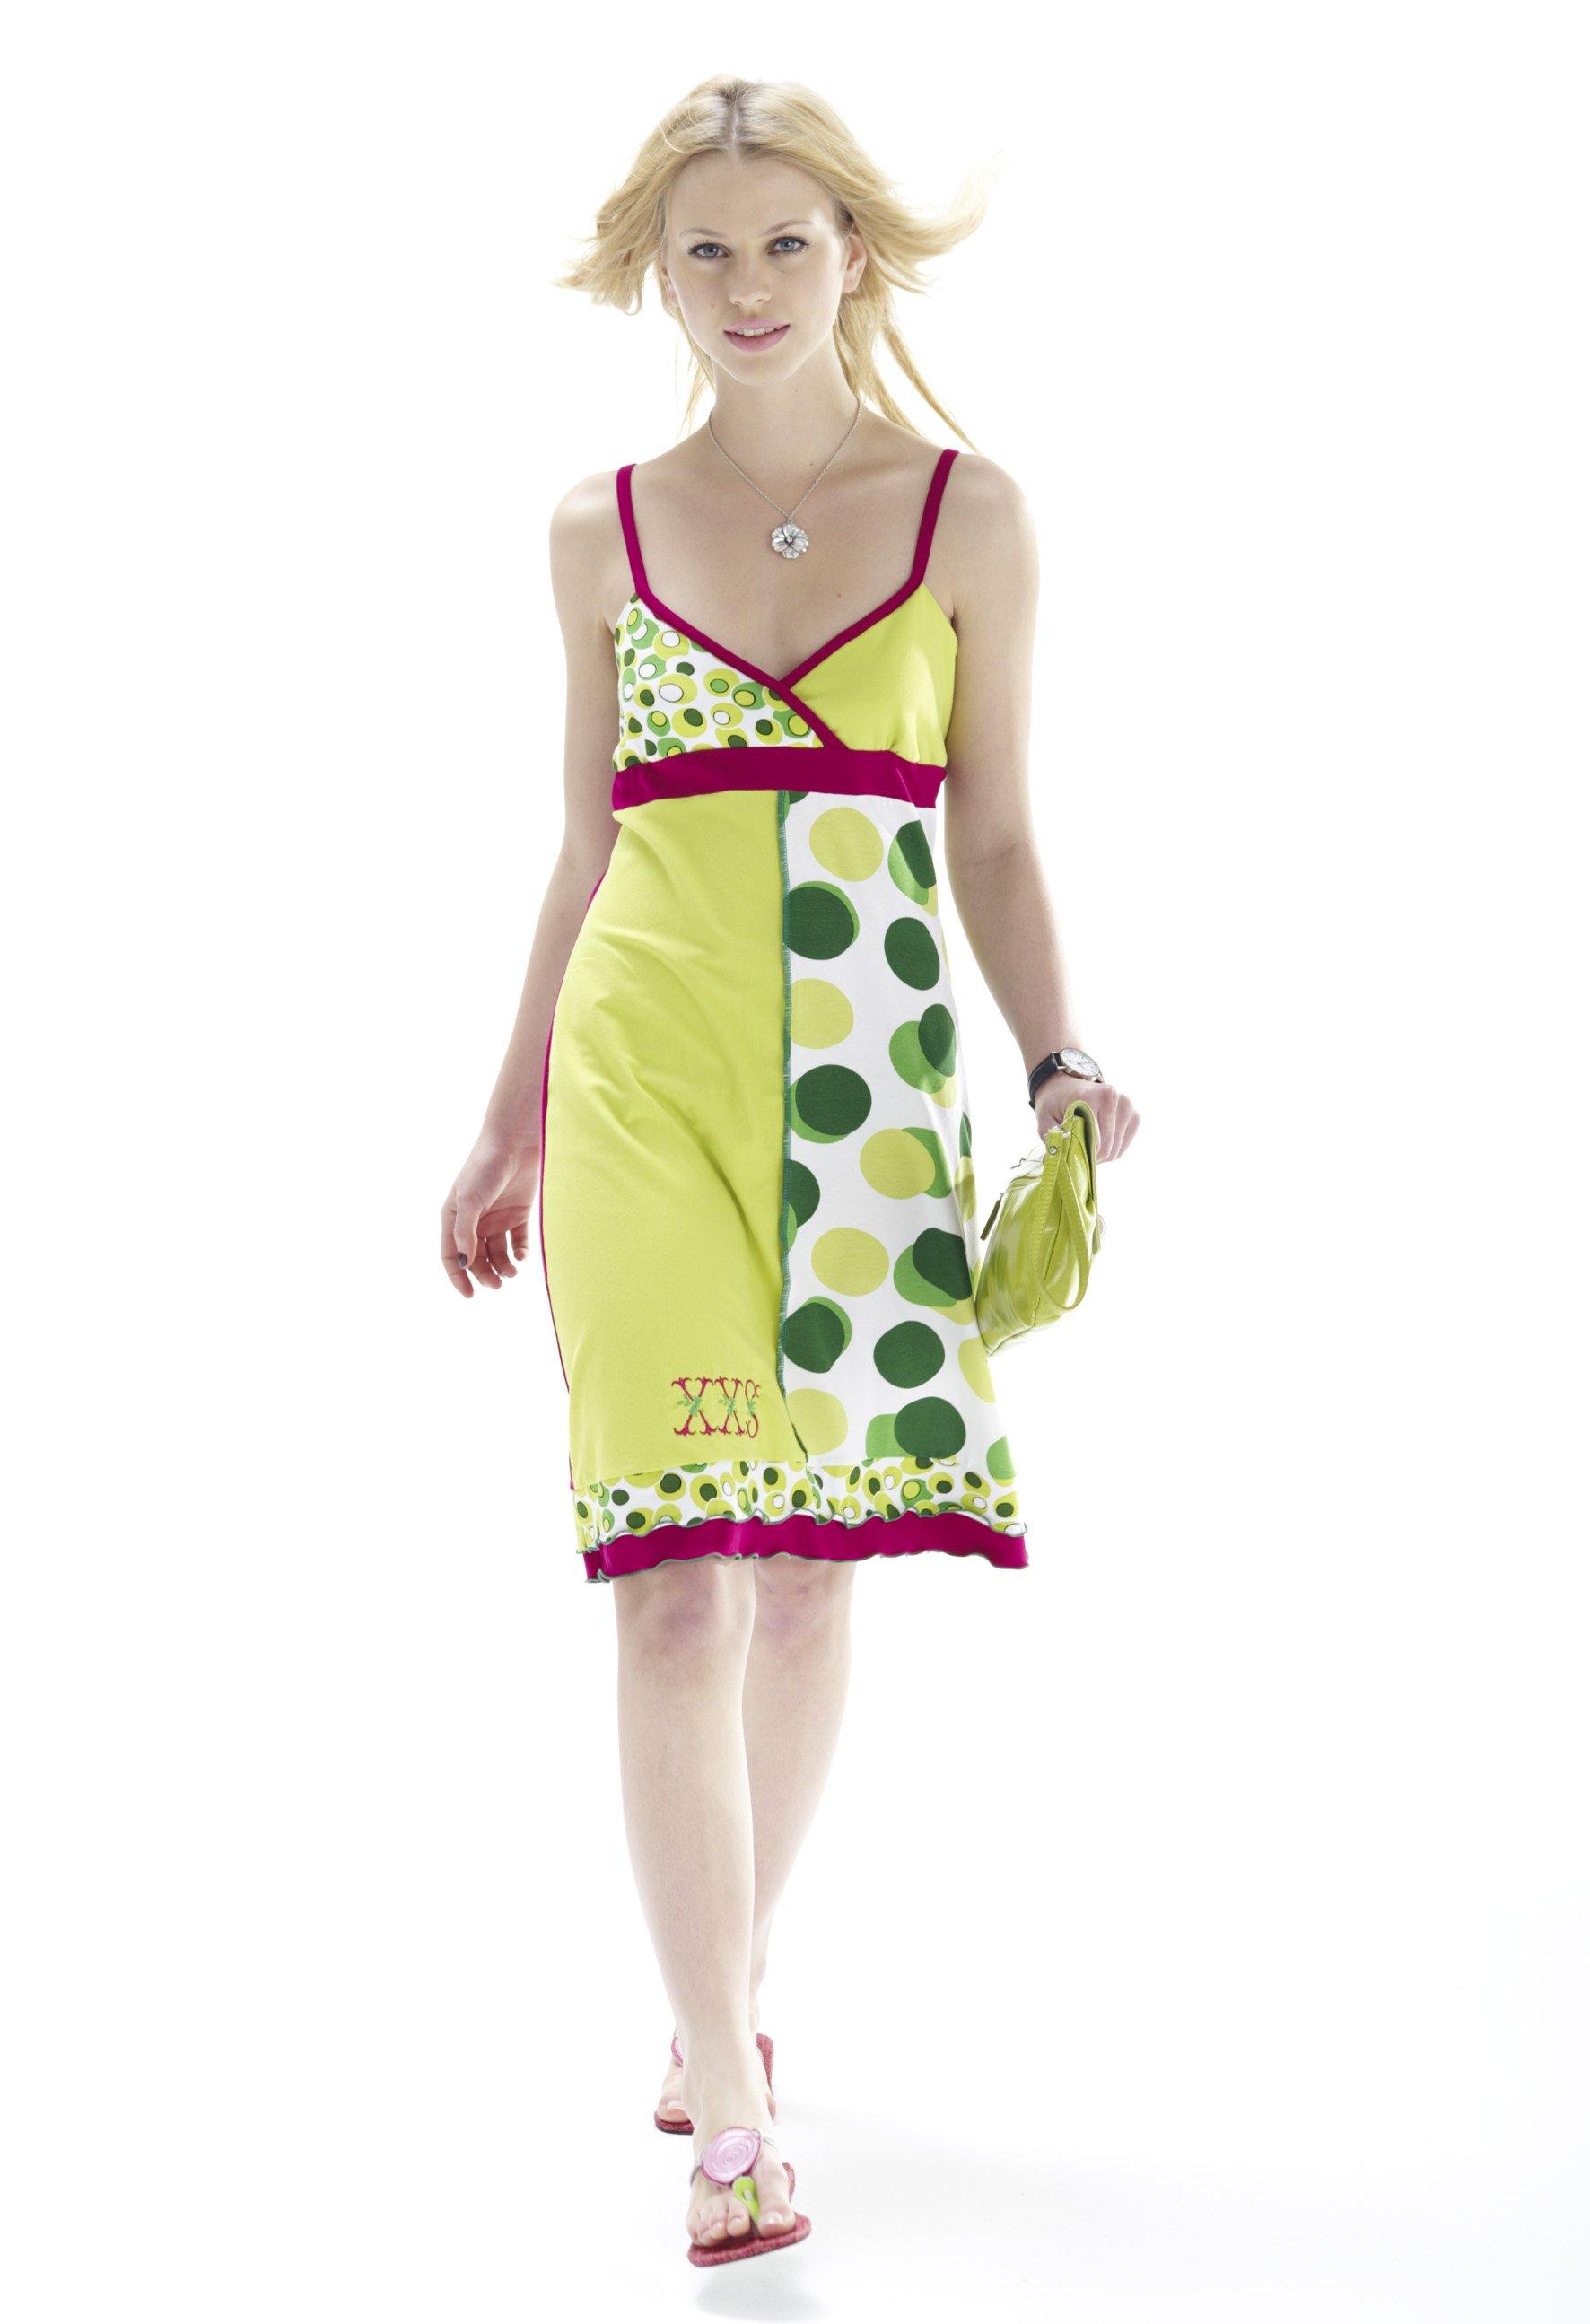 Schnittmuster und Anleitung für ein Kleid mit der Overlock